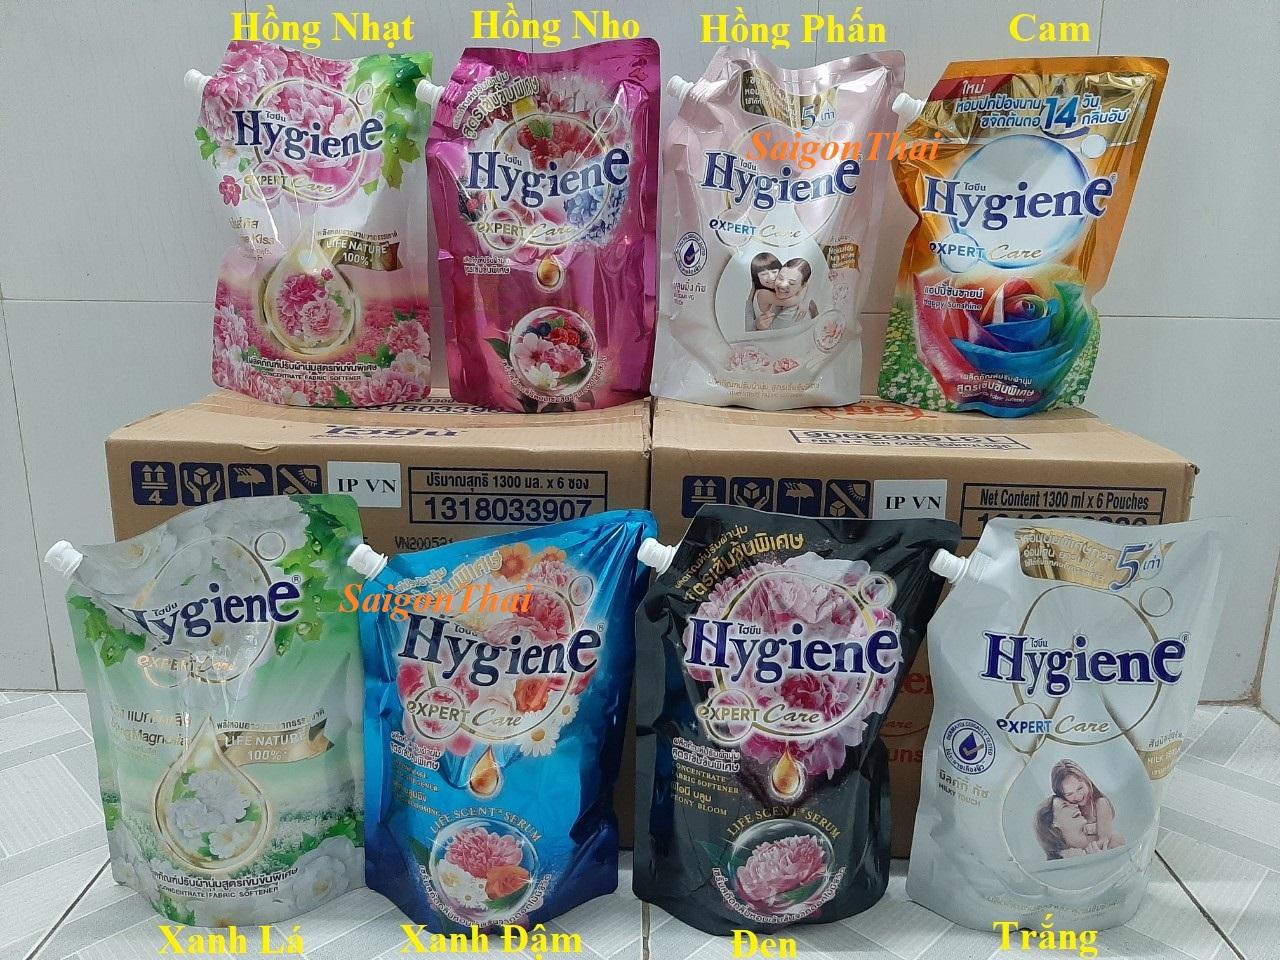 ĐÁNH GIÁ] (SGT) Nước xả vải Hygiene (đủ 8 màu) đậm đặc túi 1300ml Thái Lan,  Giá rẻ 89,000đ! Xem đánh giá! - Cửa Hàng Giá Rẻ